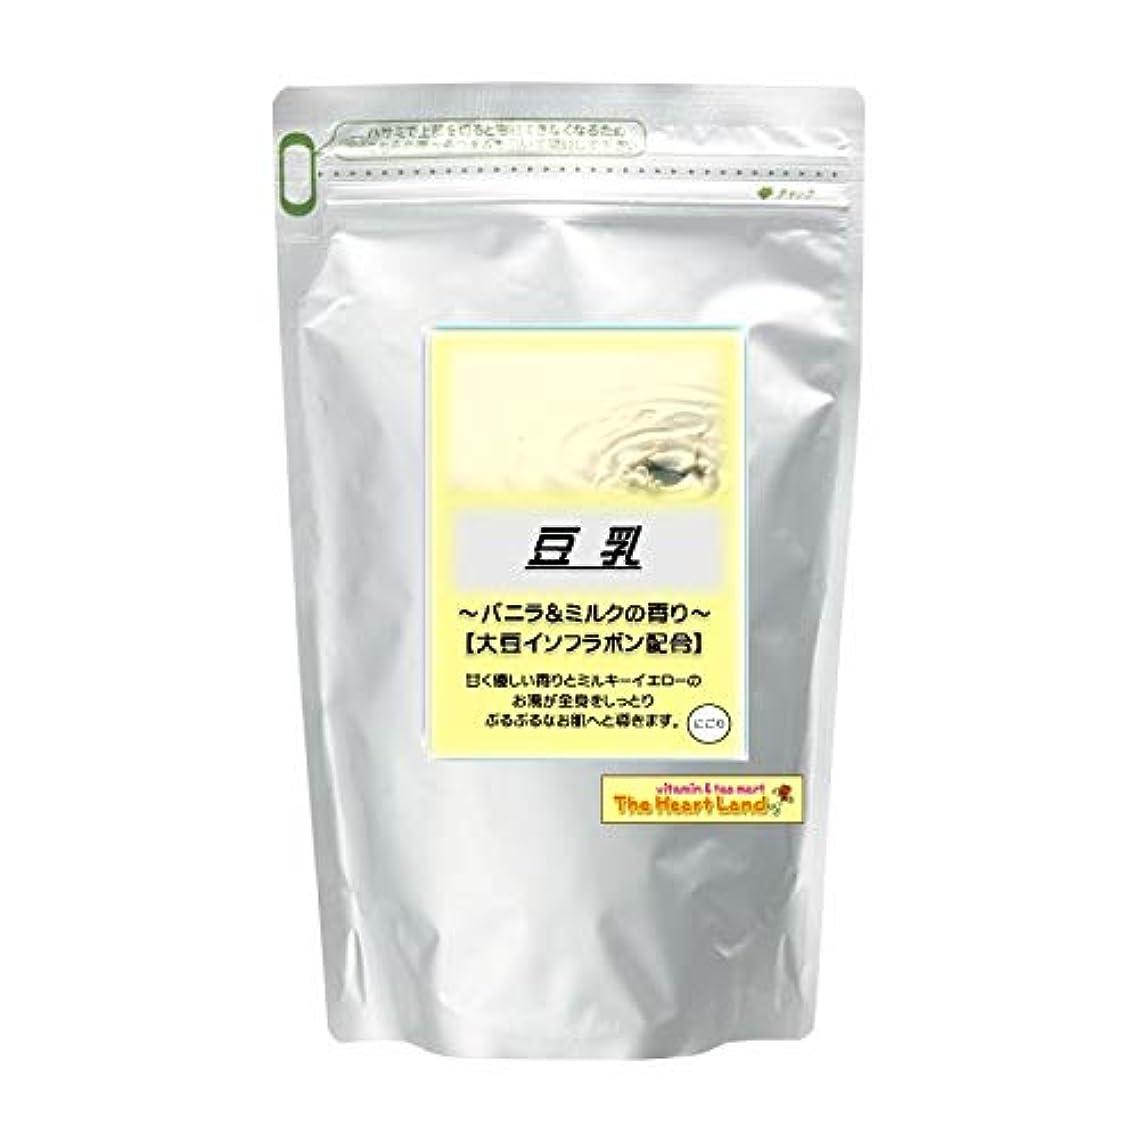 郵便創傷貼り直すアサヒ入浴剤 浴用入浴化粧品 豆乳 2.5kg